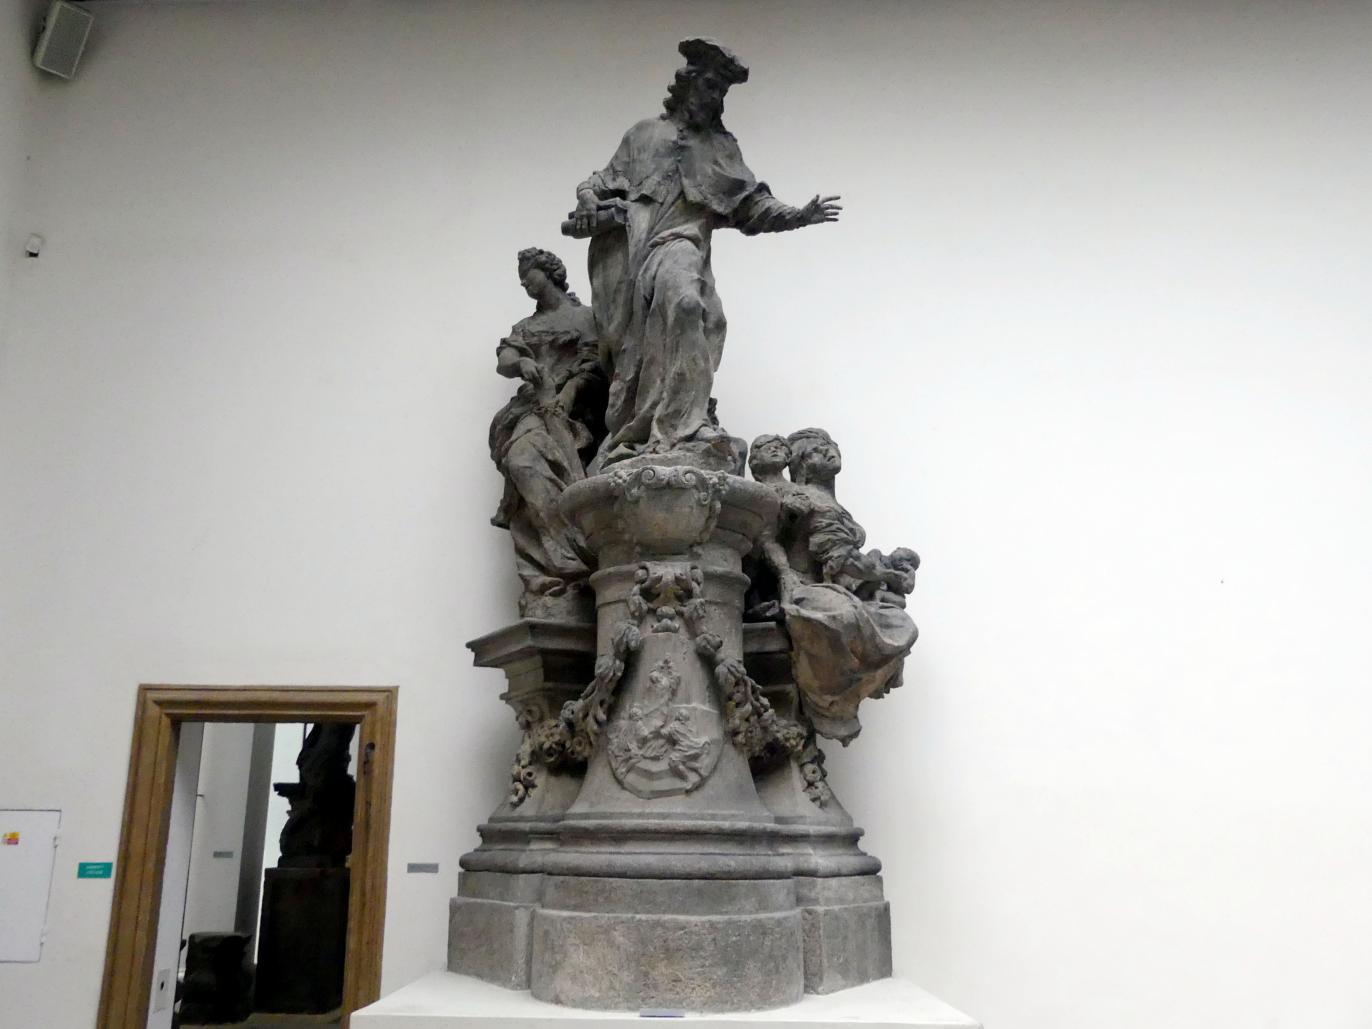 Matthias Bernhard Braun: Figurengruppe mit dem Hl. Ivo Hélory von Kermartin, 1711